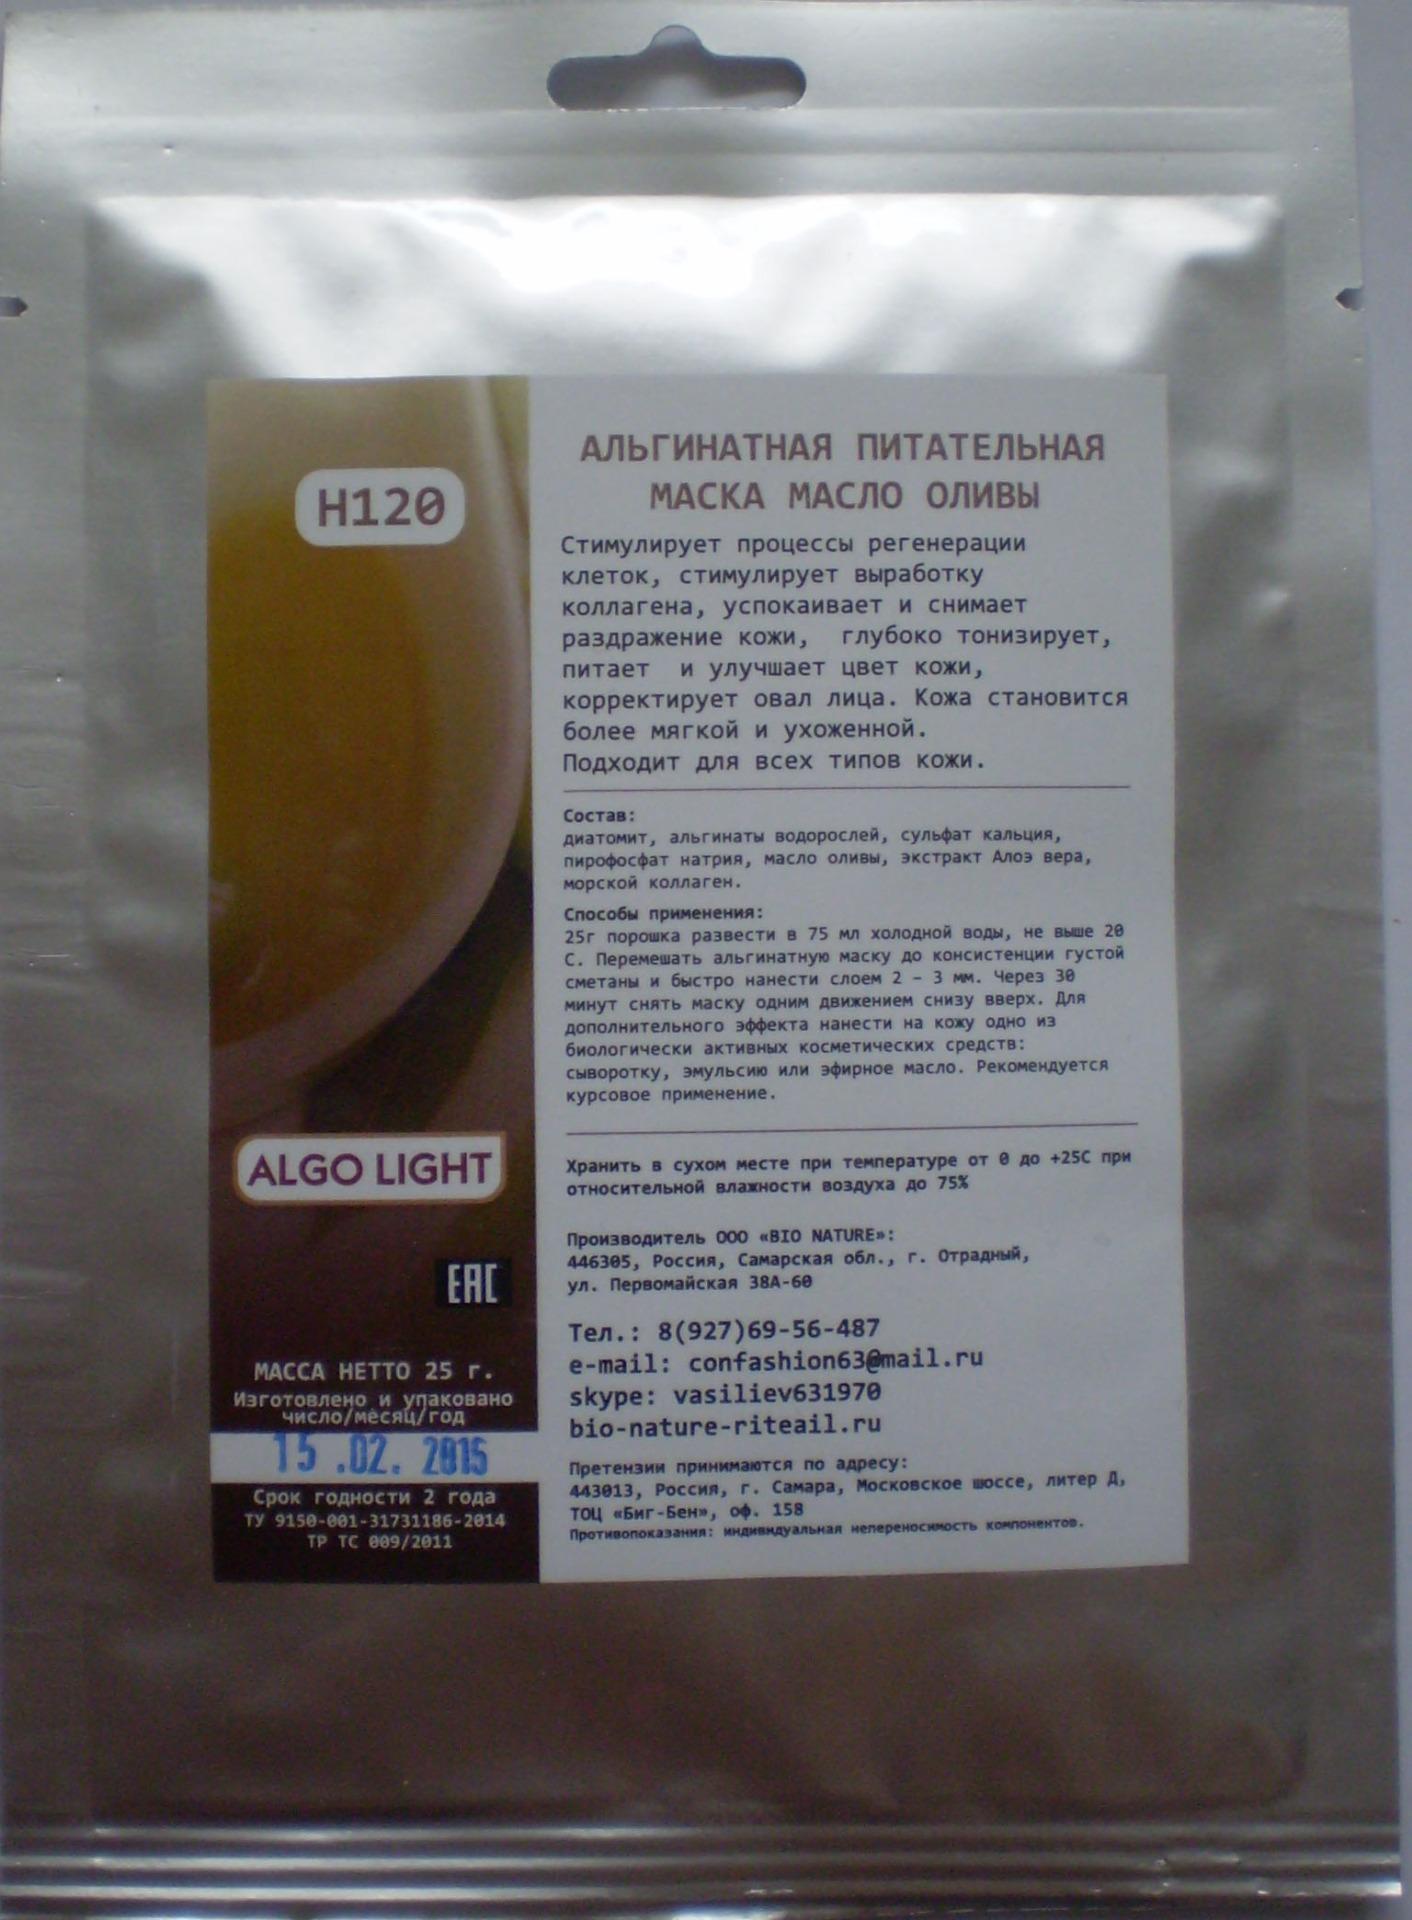 ALGO LIGHT Маска питательная масло оливы / ALGO LIGHT 25 гр